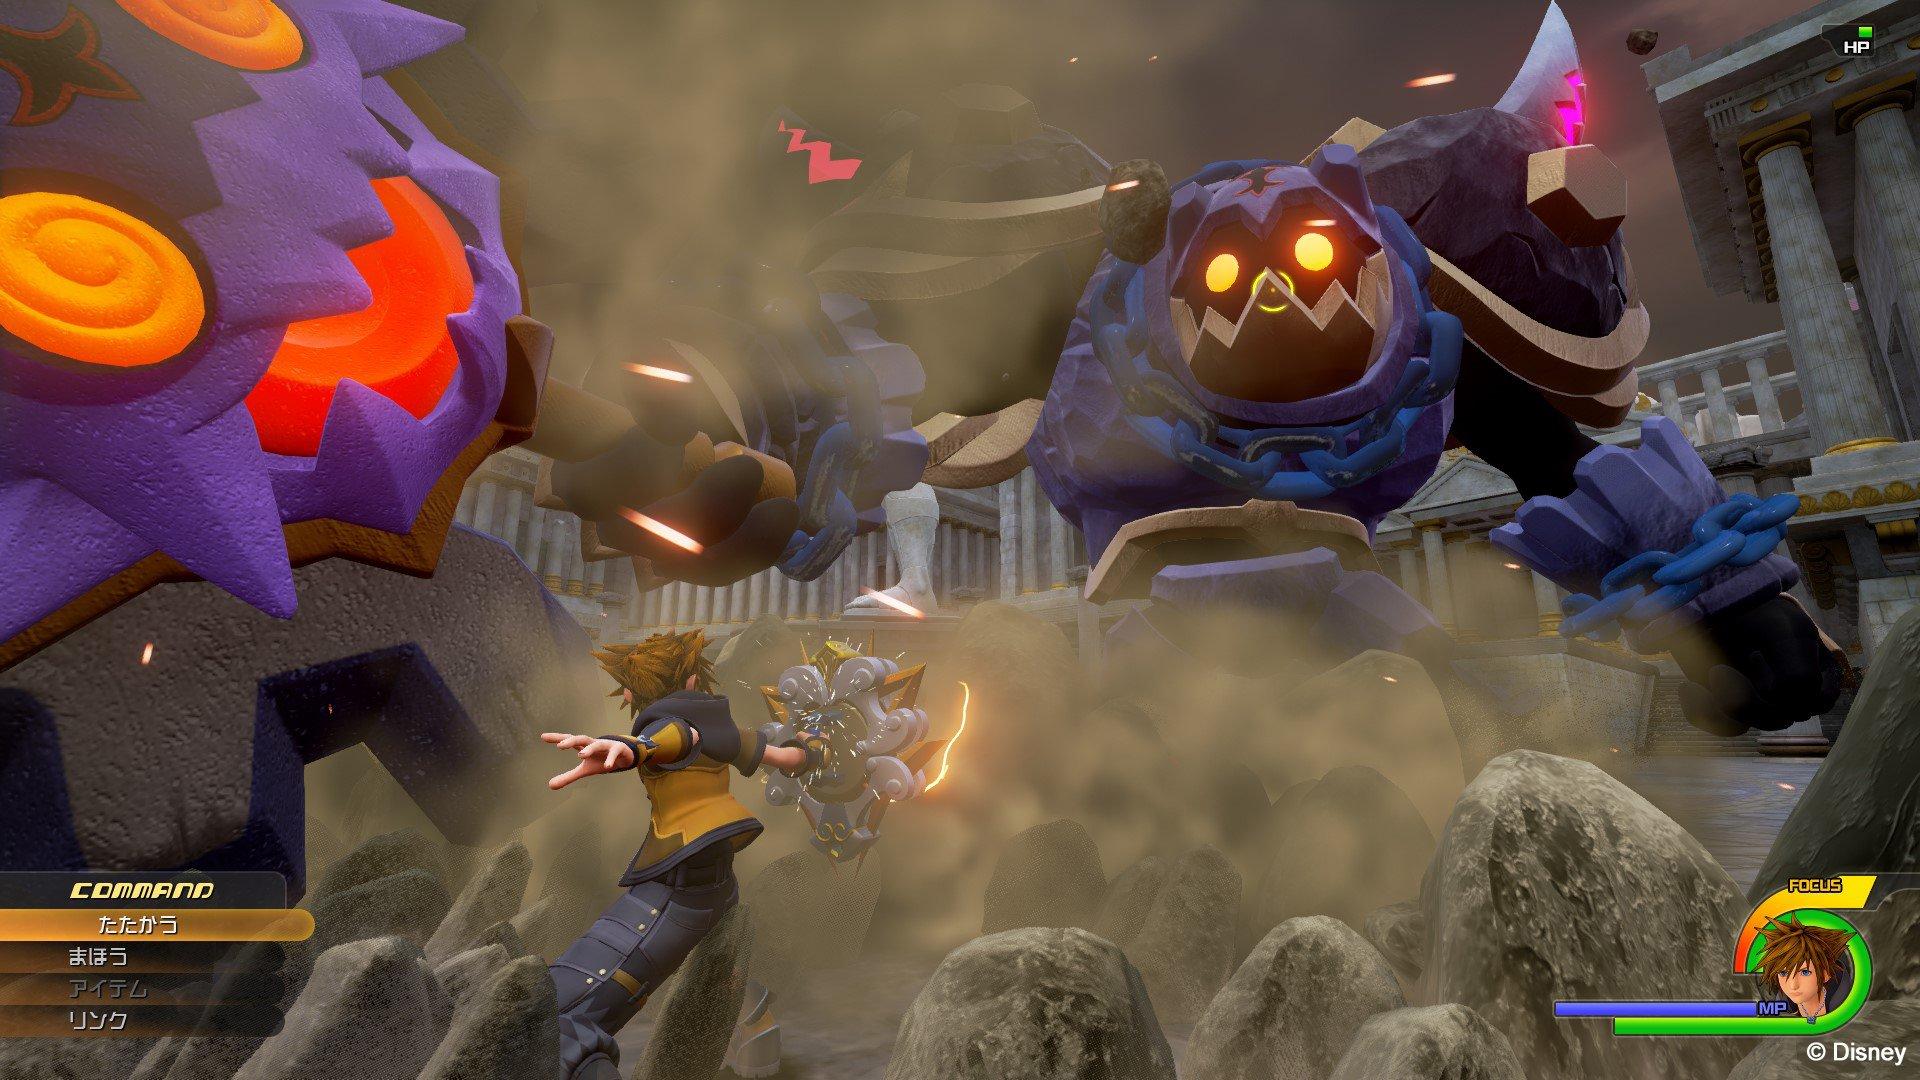 Confirmado, habrá mundo de Toy Story en Kingdom Hearts III